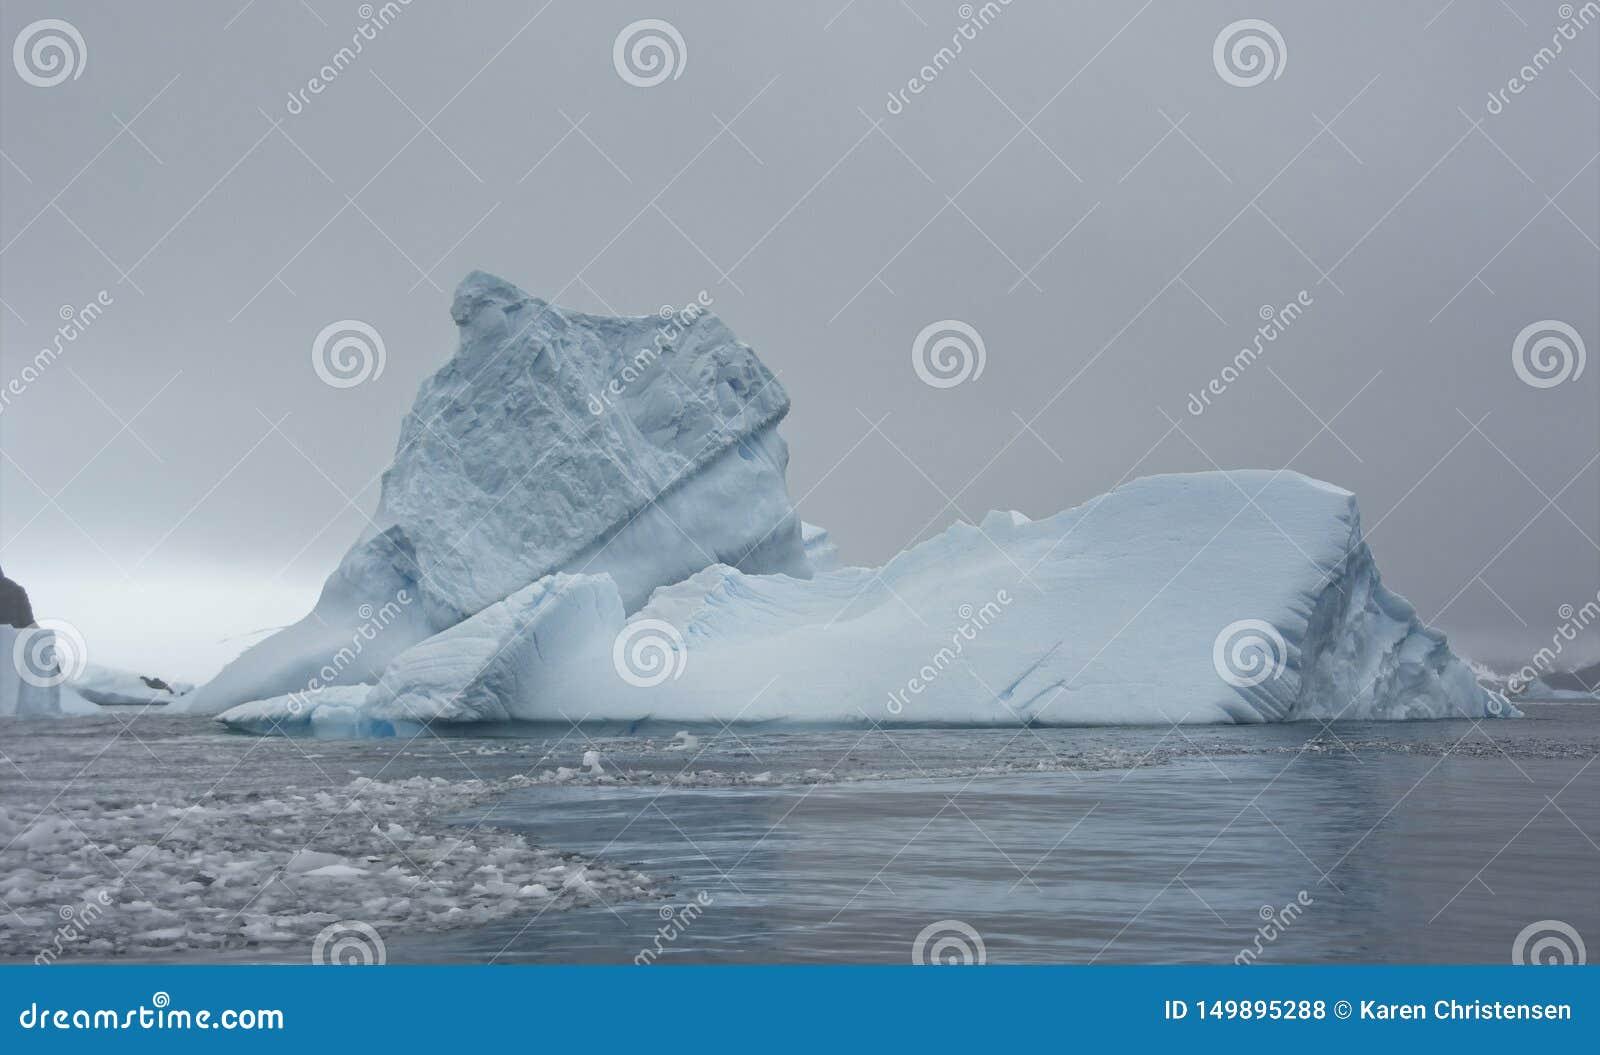 Μεγάλο παγόβουνο στην ανταρκτική θάλασσα